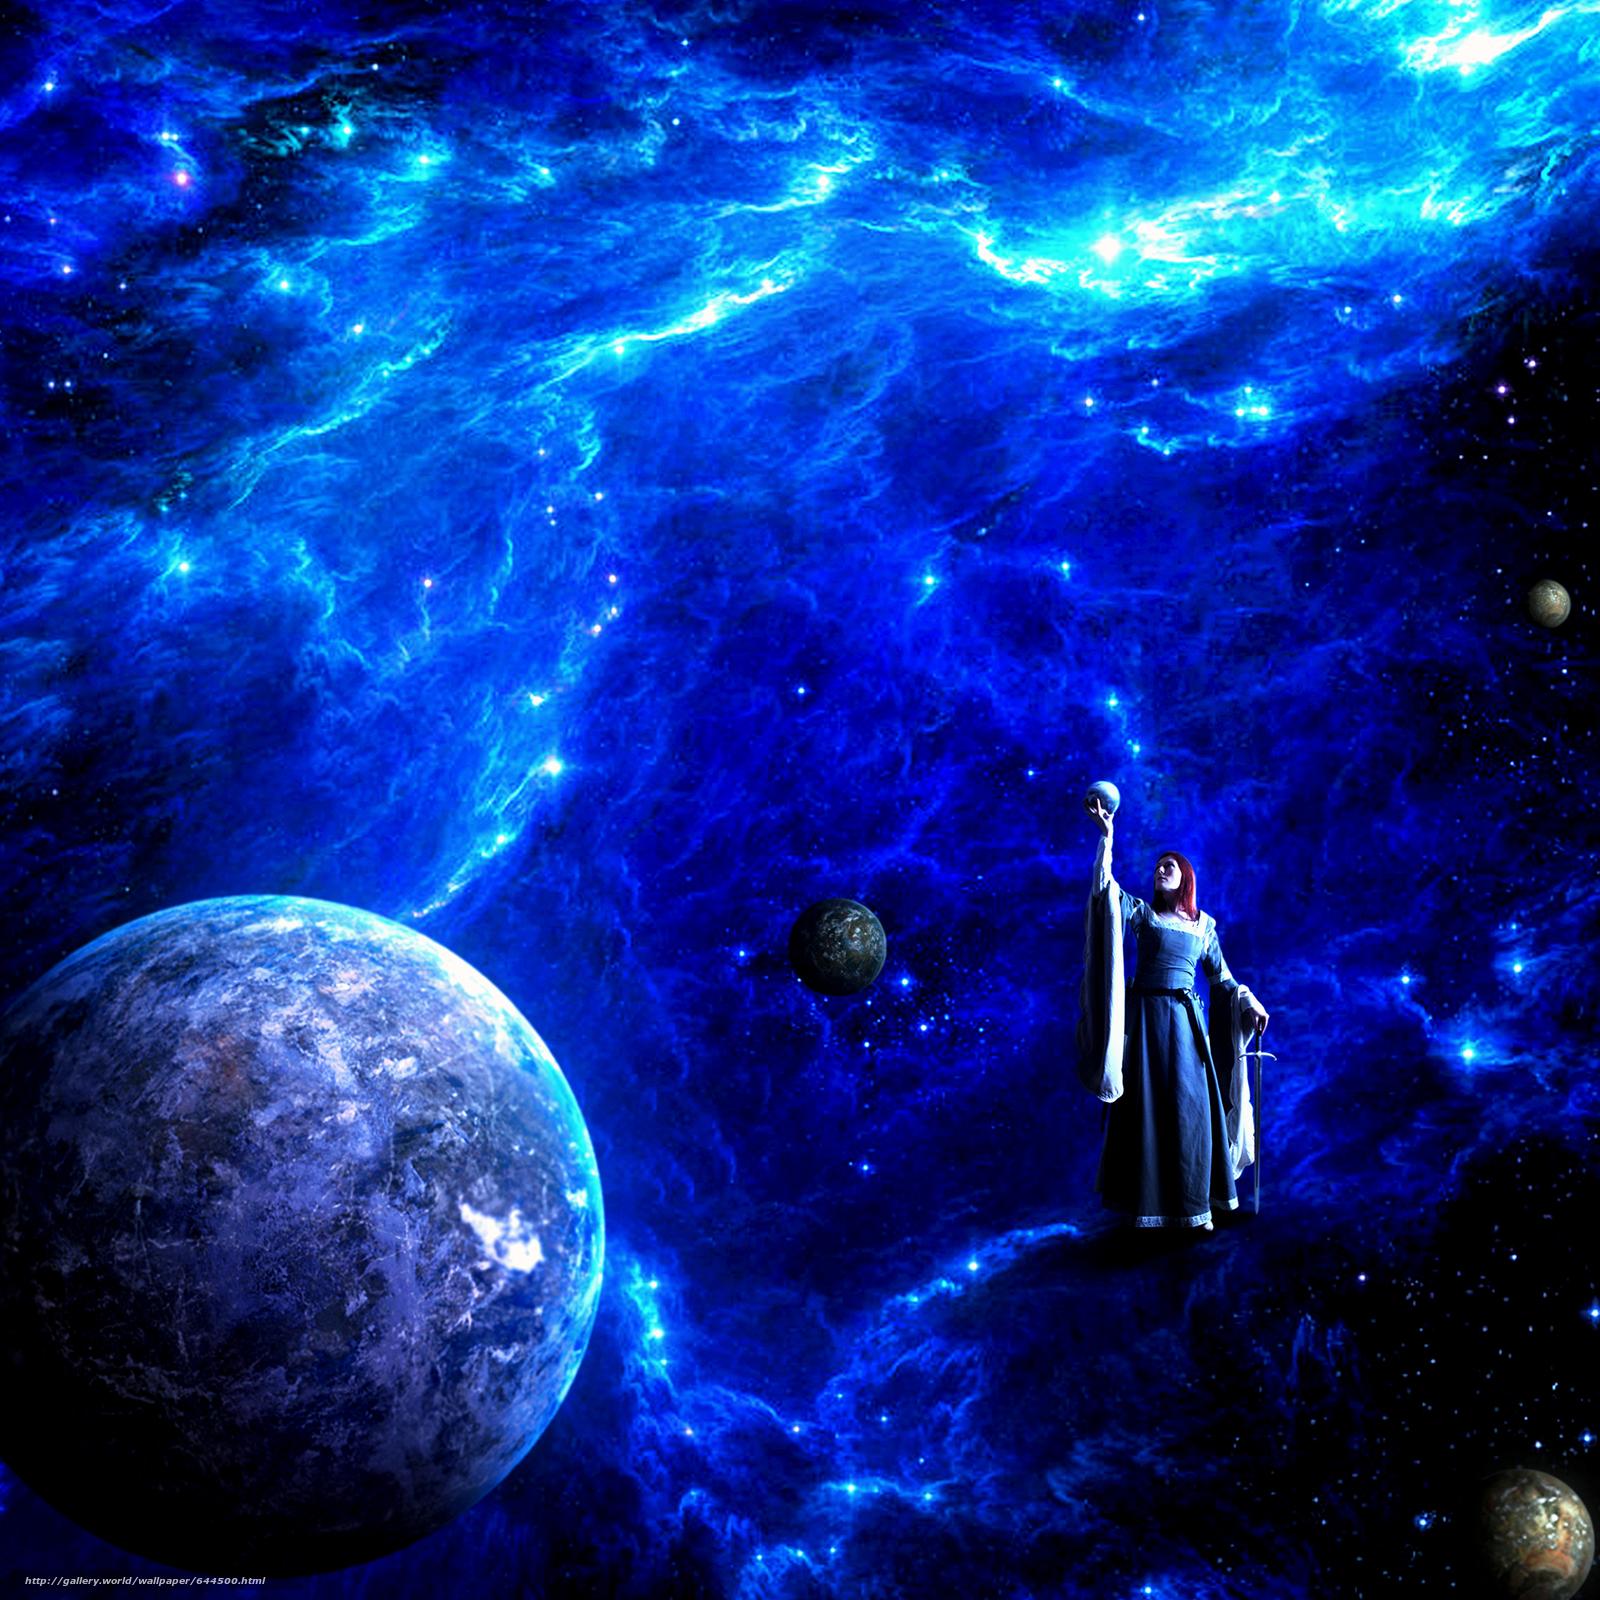 Скачать обои космос,  планеты,  3d,  art бесплатно для рабочего стола в разрешении 2500x2500 — картинка №644500